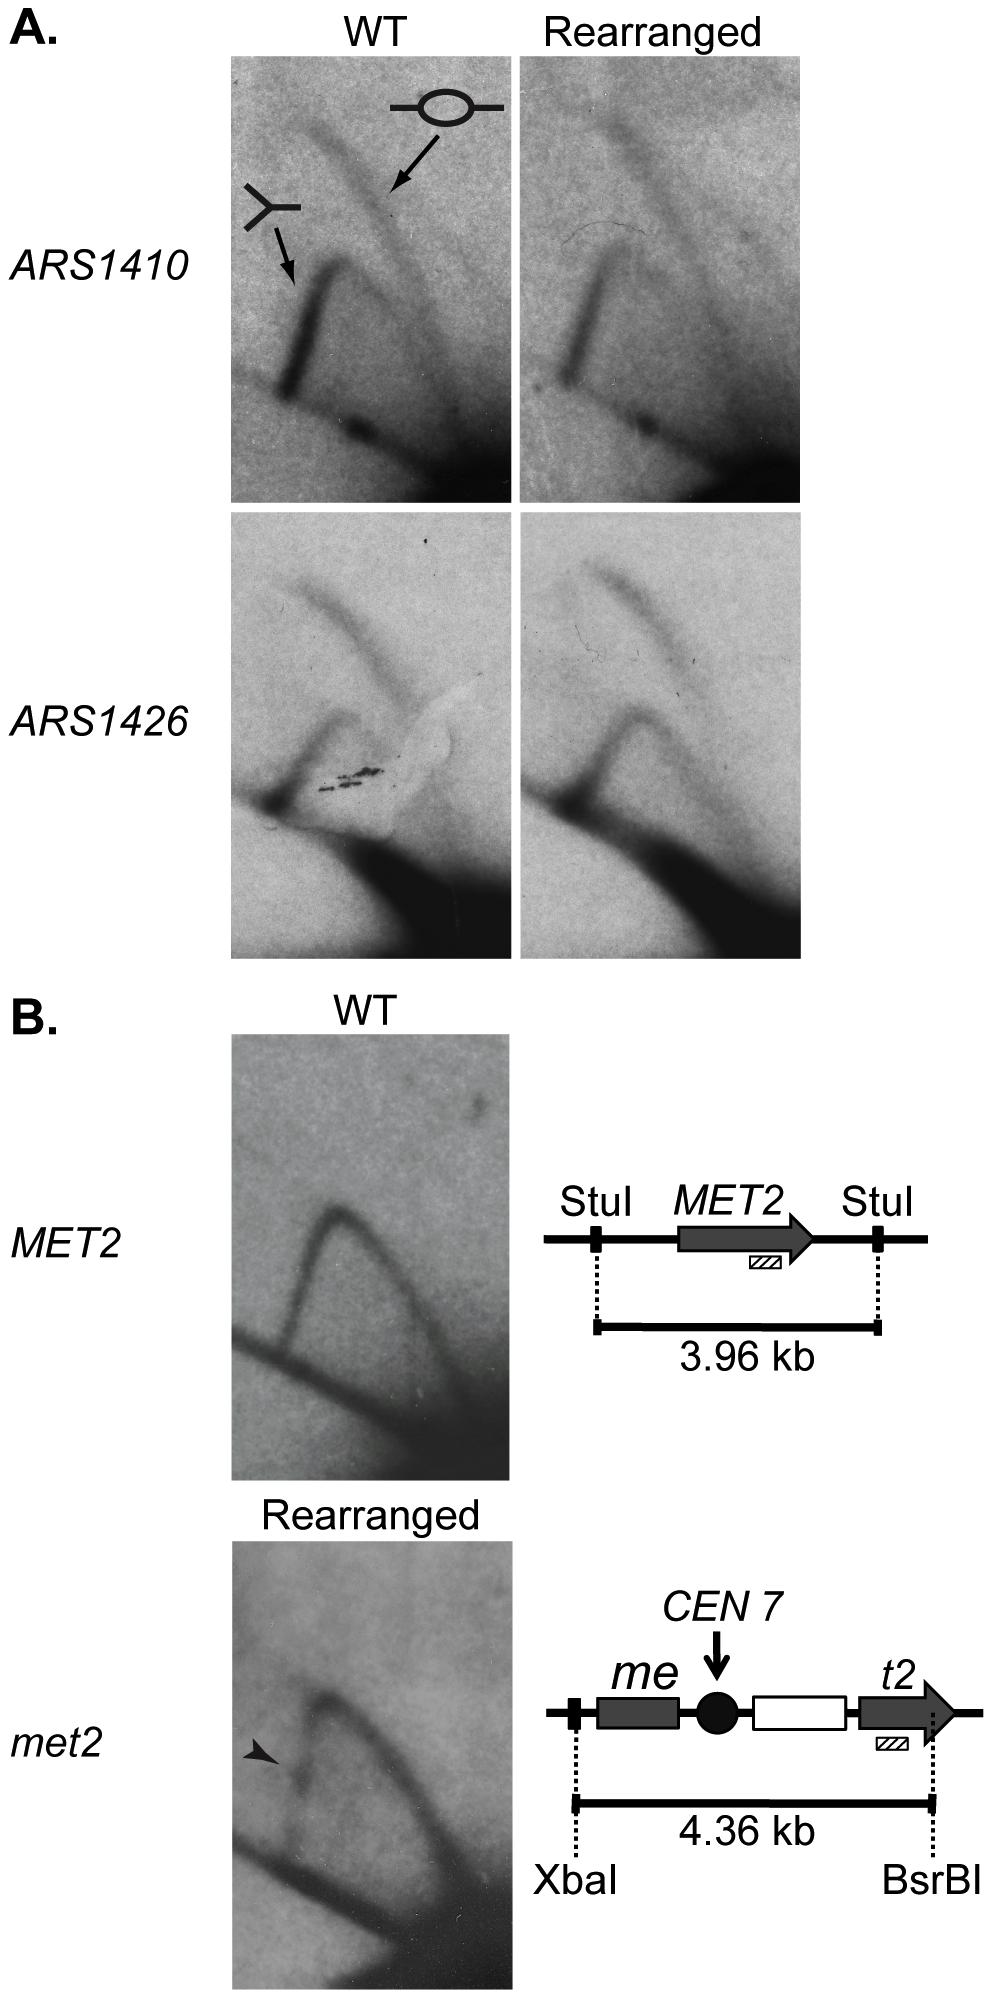 2D gel analysis of ARS1410, ARS1426, and MET2 and met2.